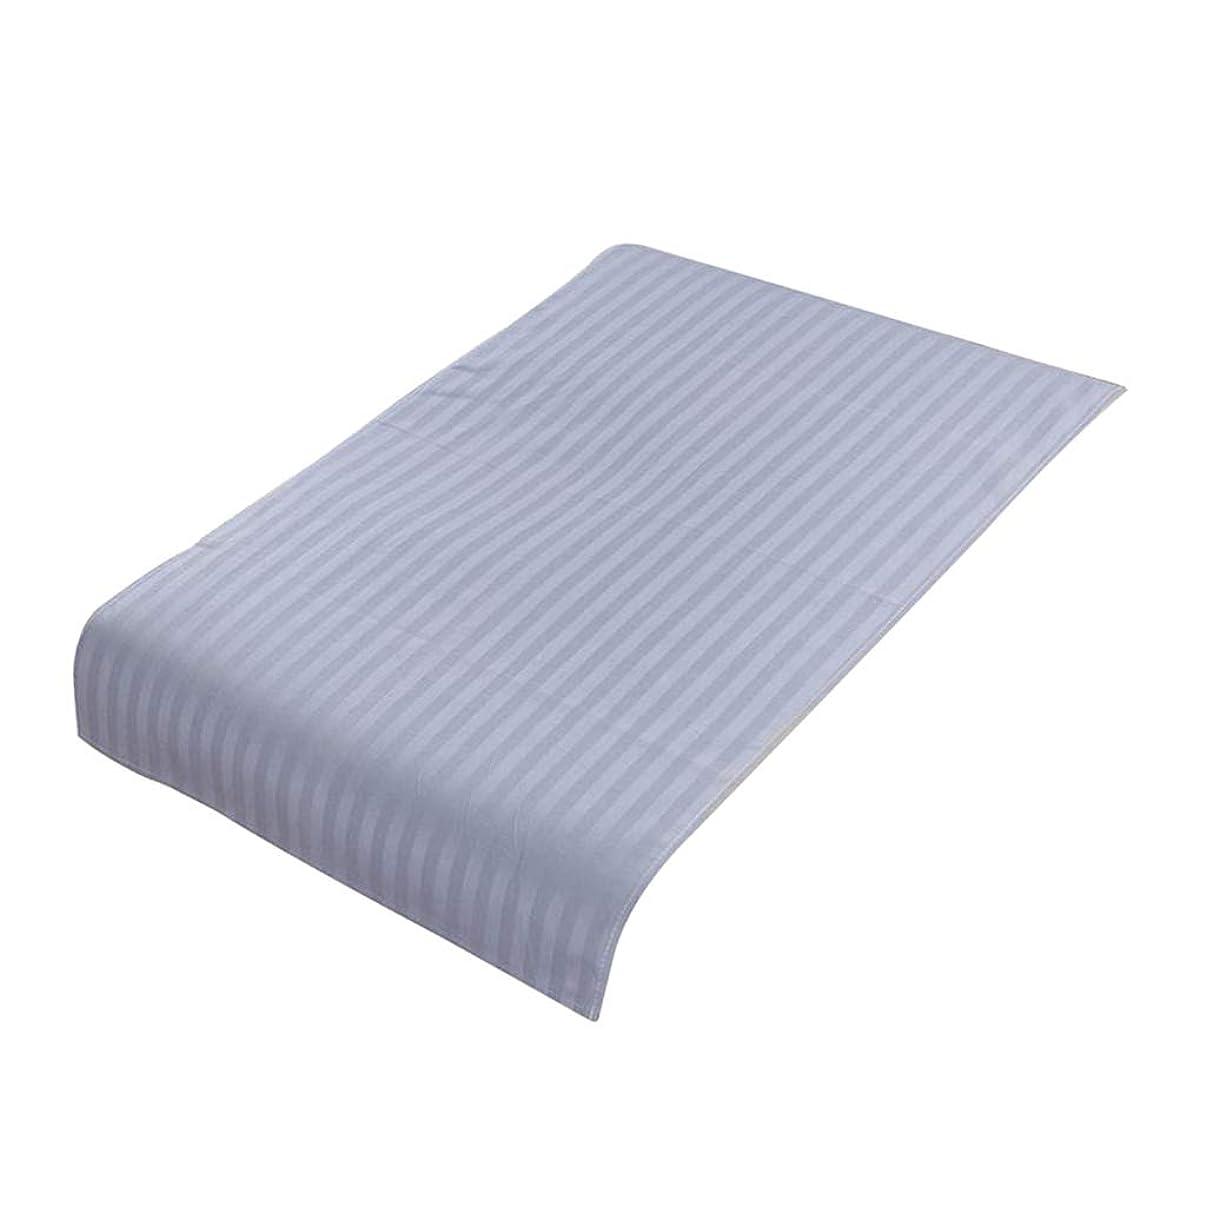 上流の収束する一生PETSOLA 美容院ベッドカバー 断面 スパ マッサージベッドスカート ピュアコットン 快適 (90×60cm) - ライトブルー